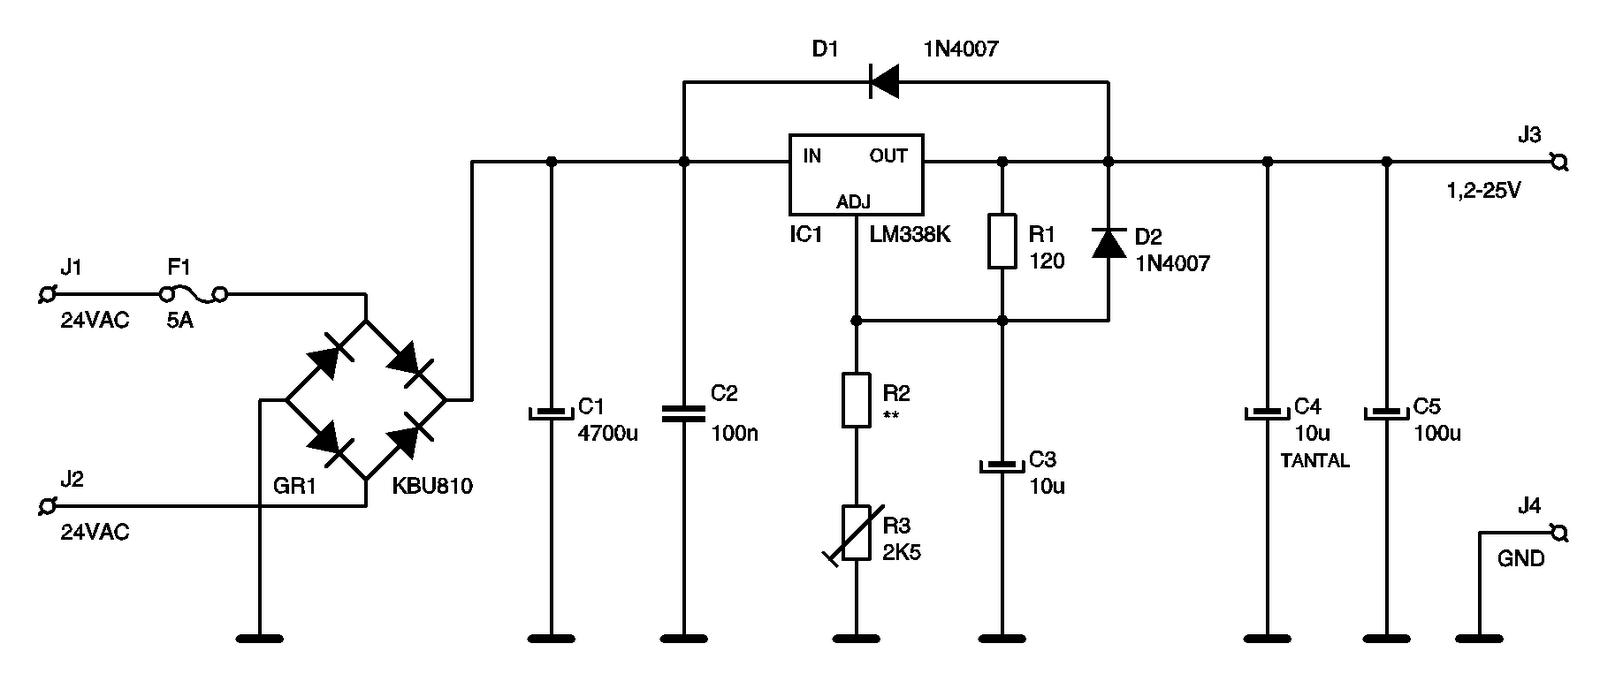 Eletrônica Campo Elétrico*: Fonte Ajustável 1,25V a 25V